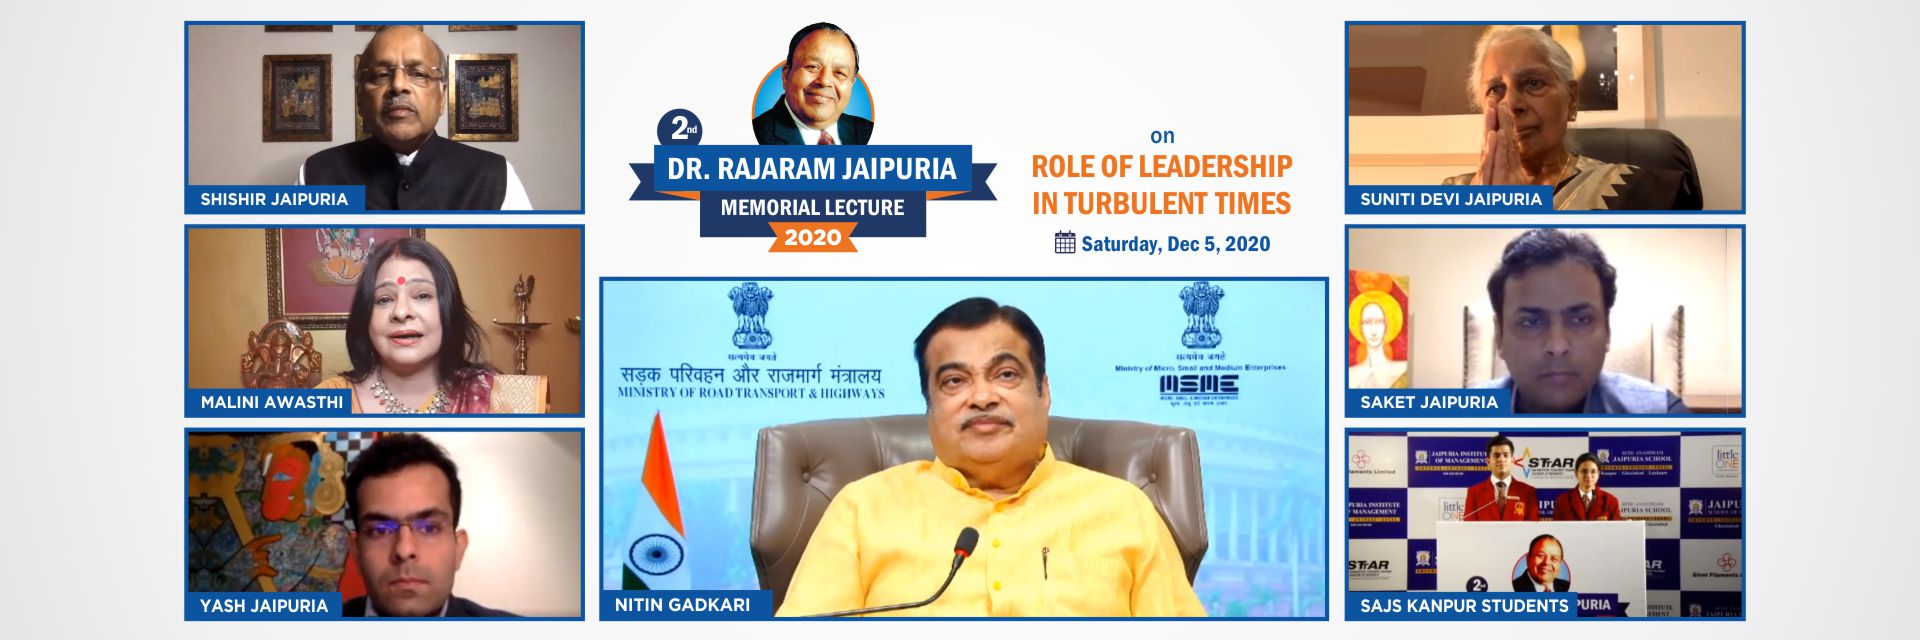 Sr. Rajaram Memorial Lecture